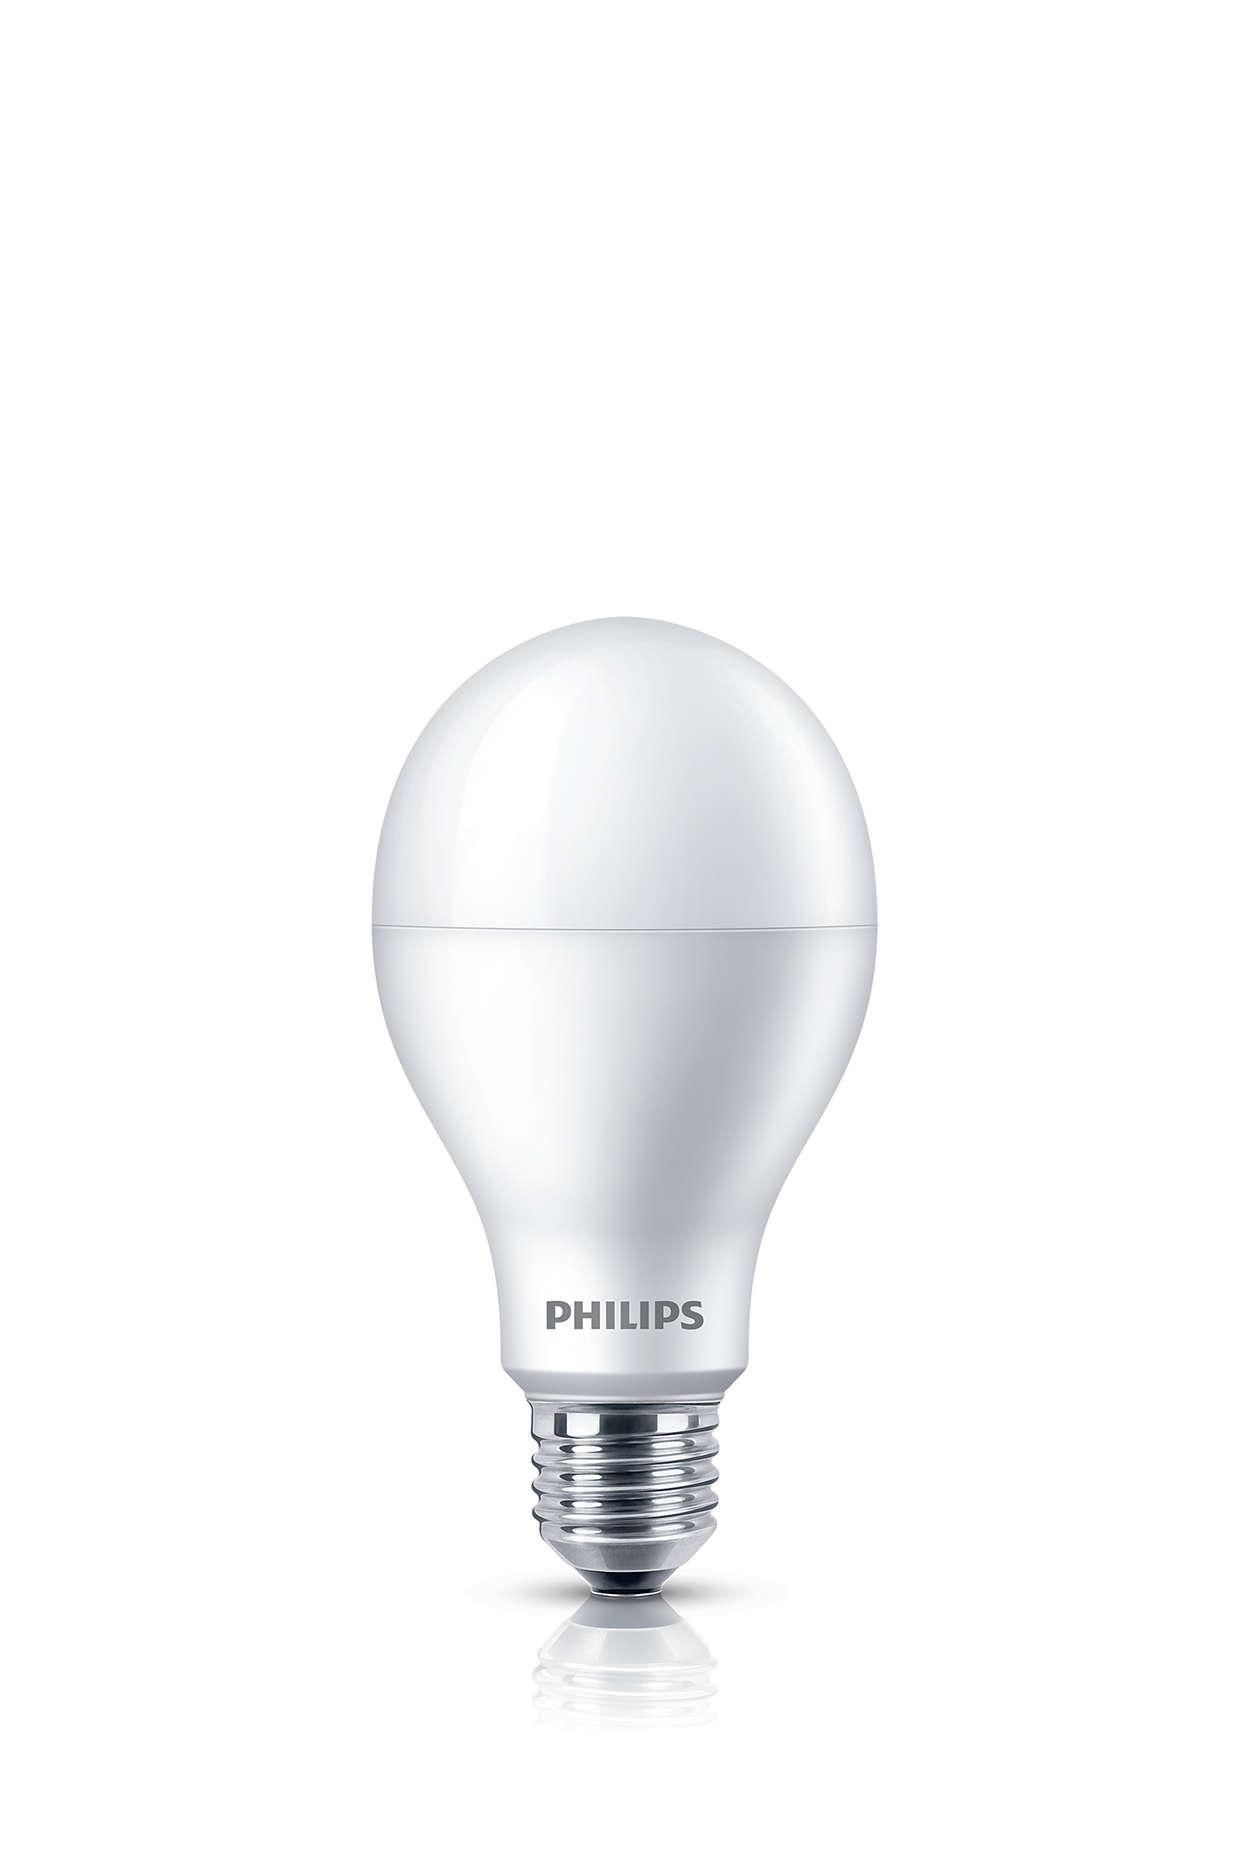 Bóng đèn không giống như bất kỳ loại bóng đèn nào khác